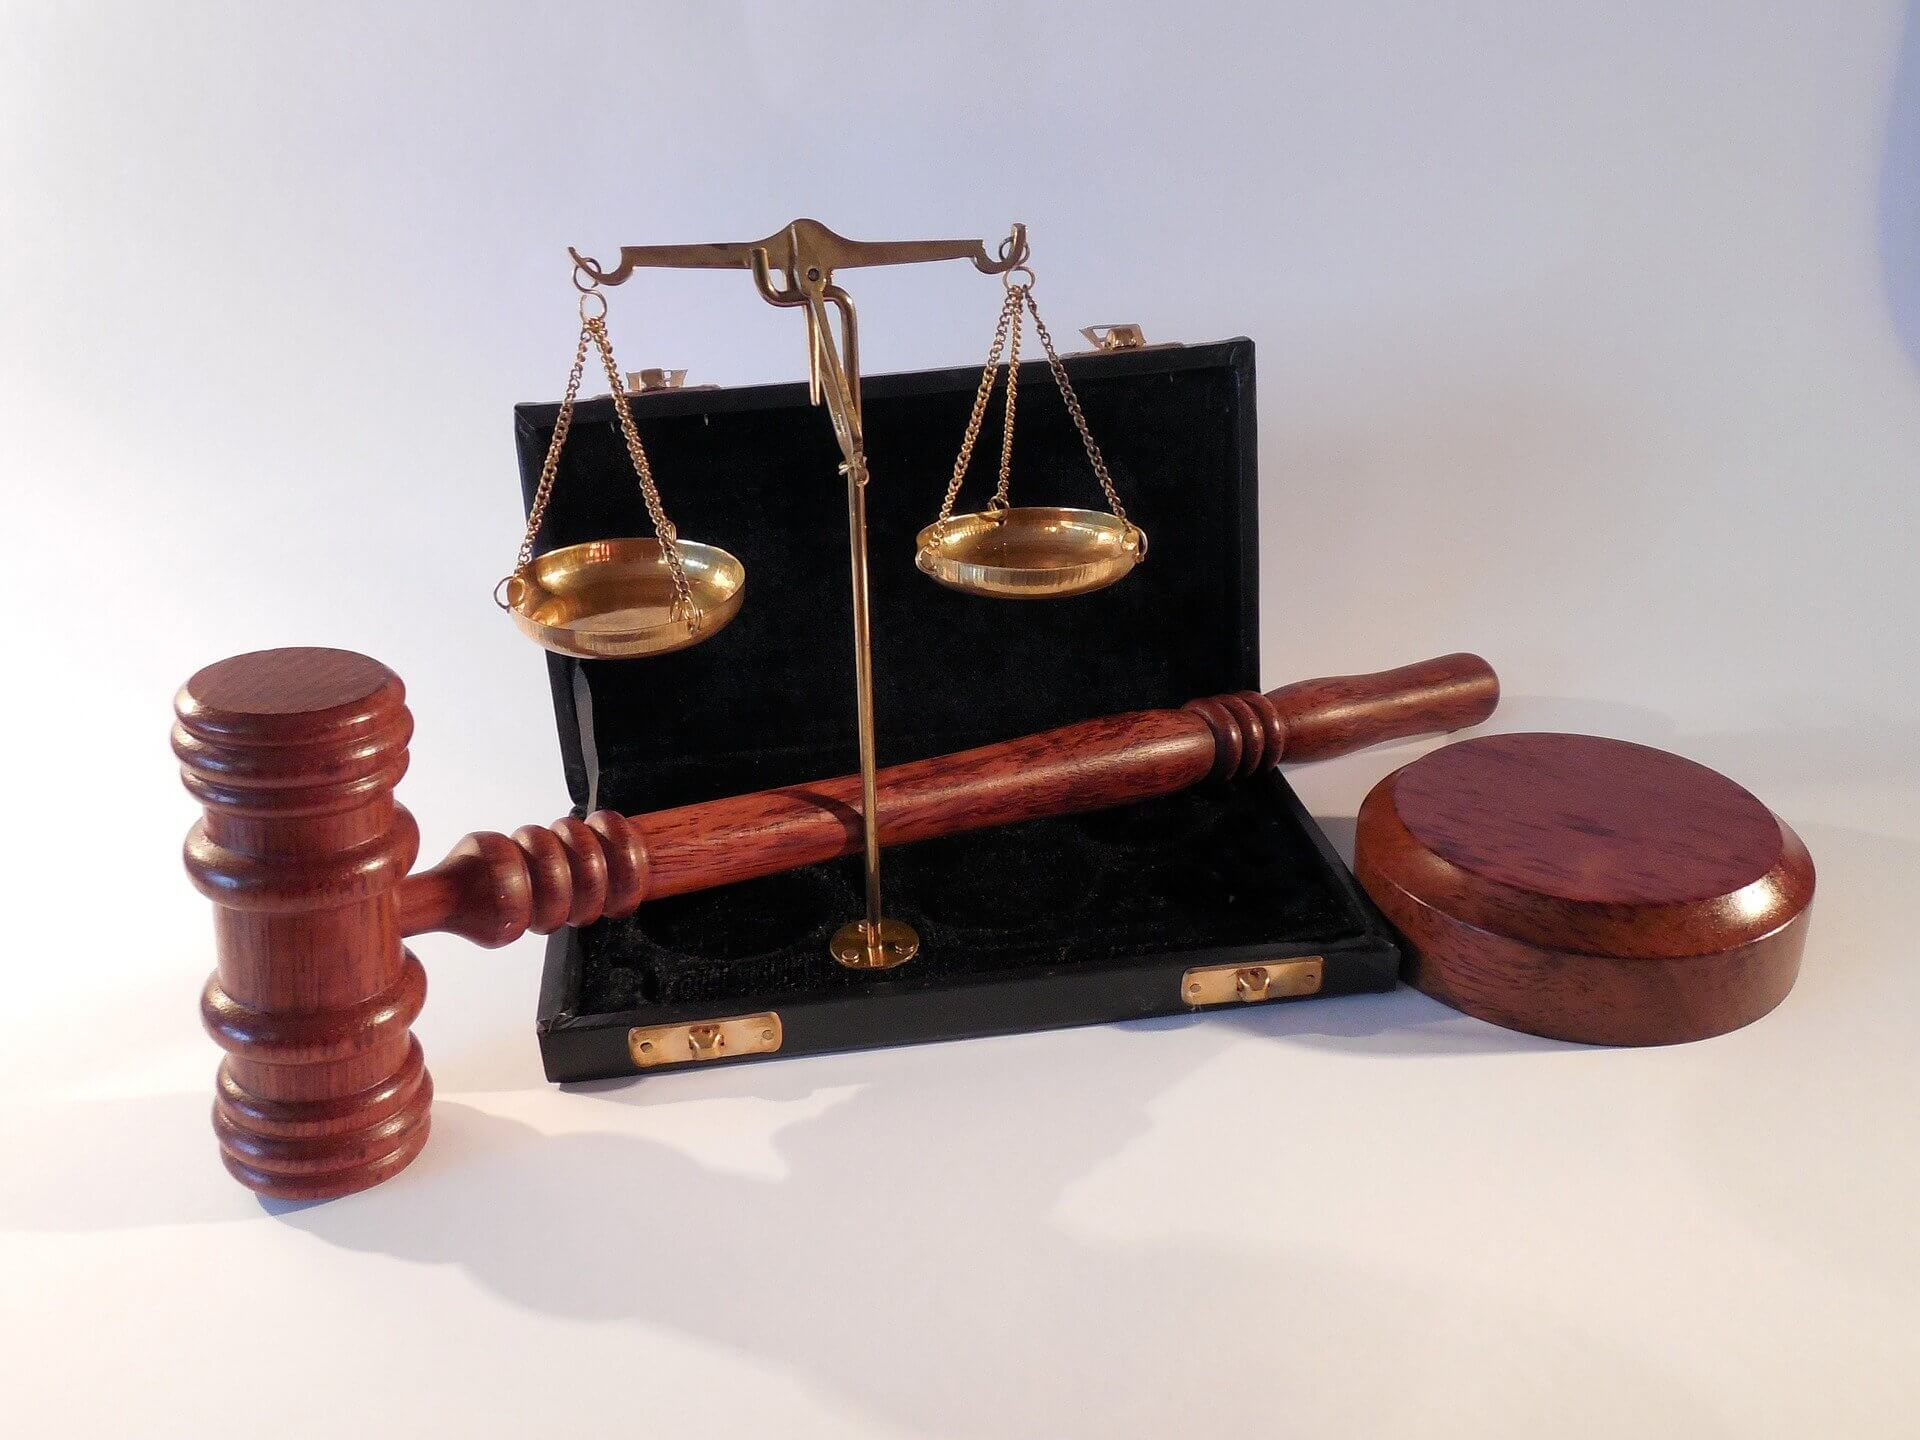 מדריך לבחירת עורך דין